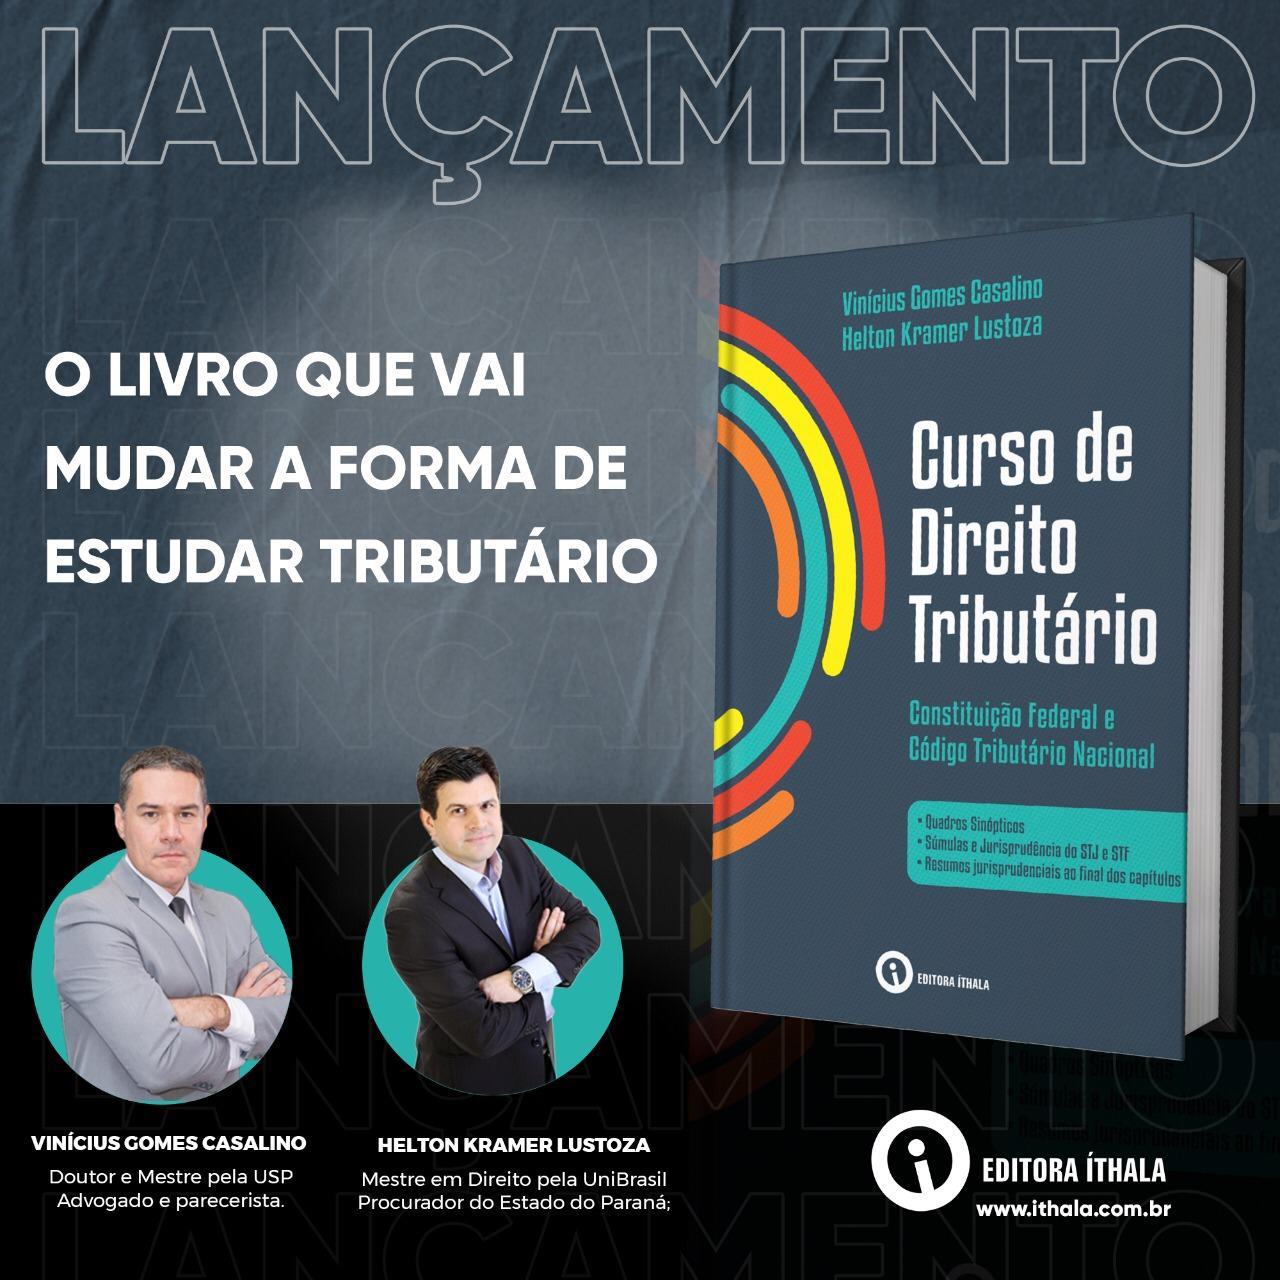 Helton Kramer Lustoza, Procurador do Estado, lança livro sobre Direito Tributário